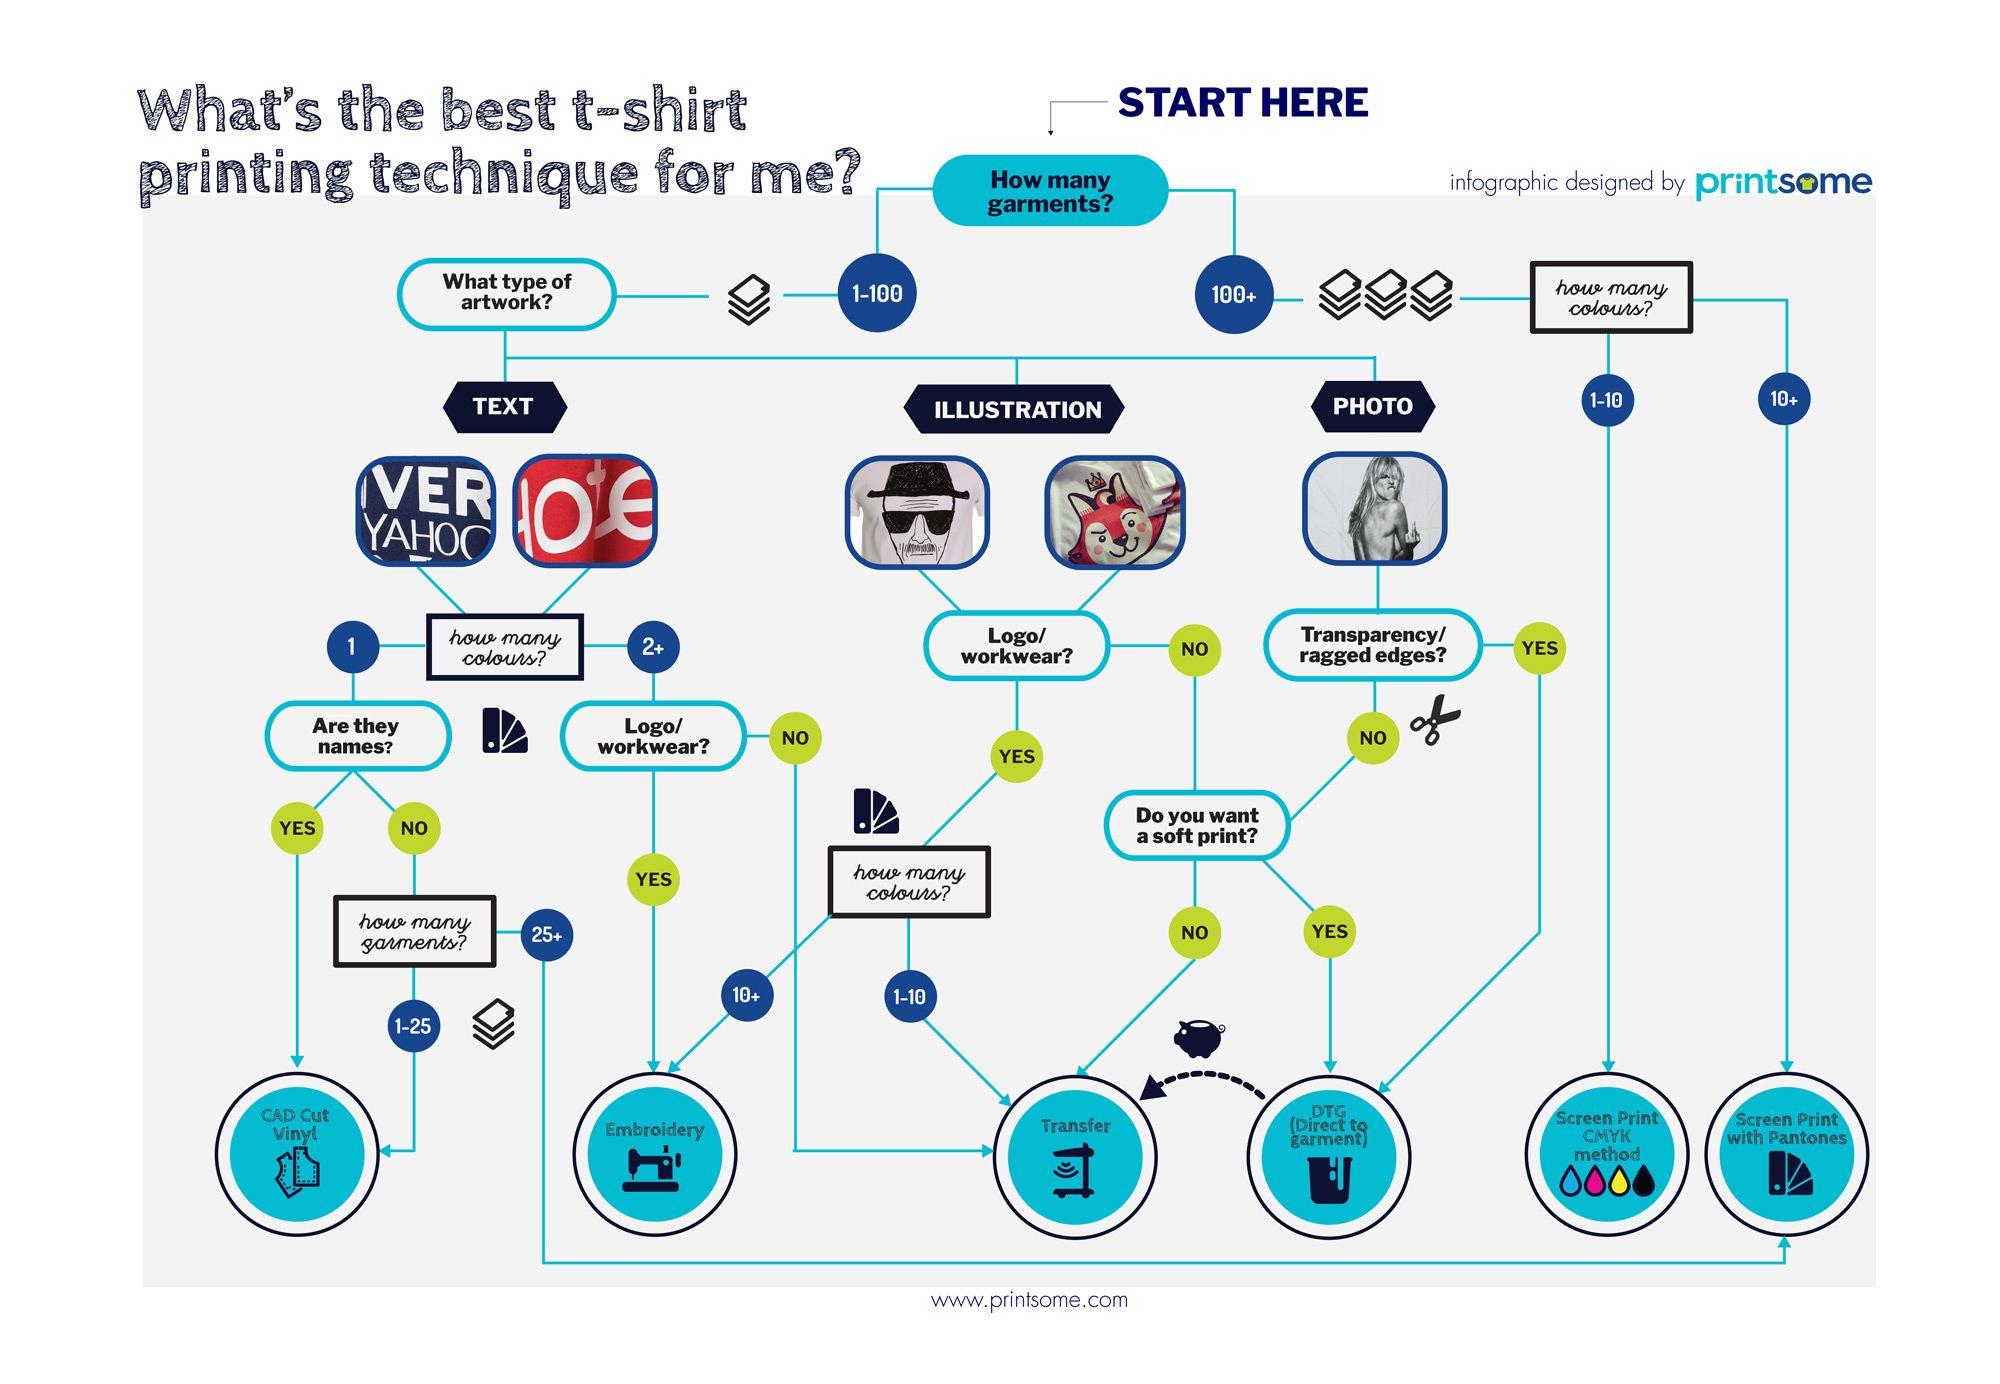 Infografía para elegir una técnica de impresión